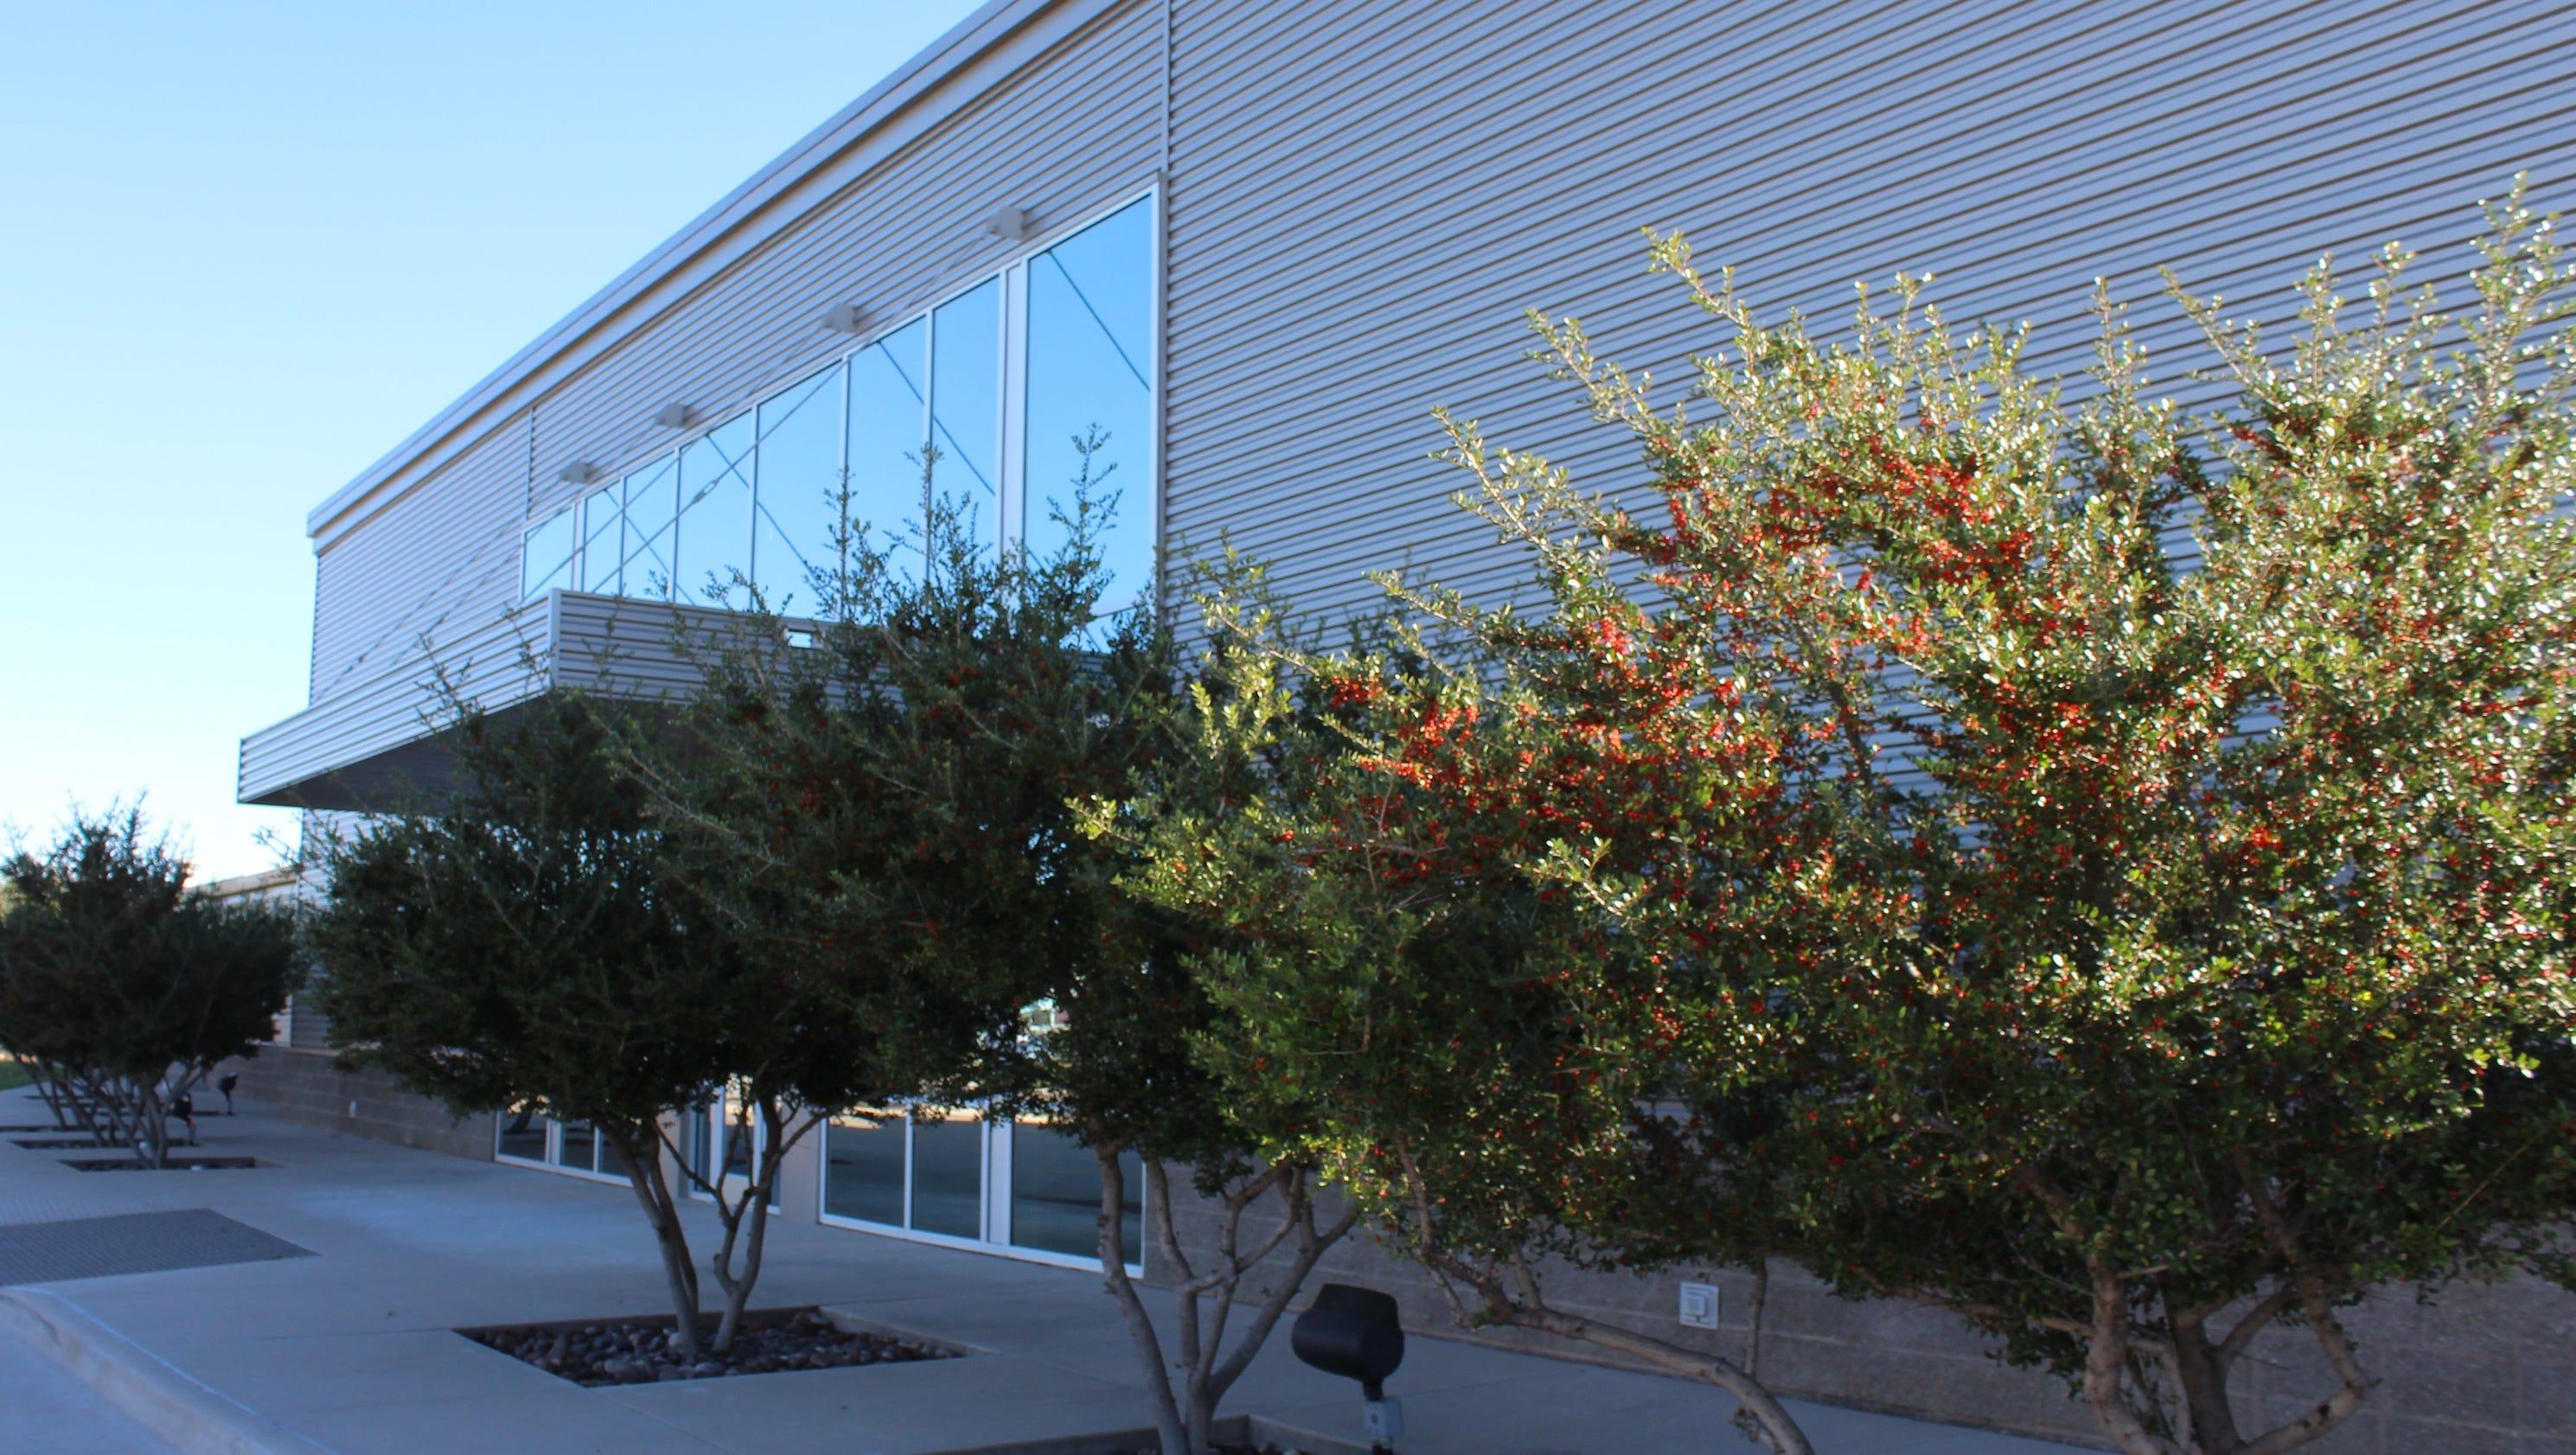 Cars For Sale In Abilene Tx >> AbLabs sale to HSU on Abilene City Council agenda